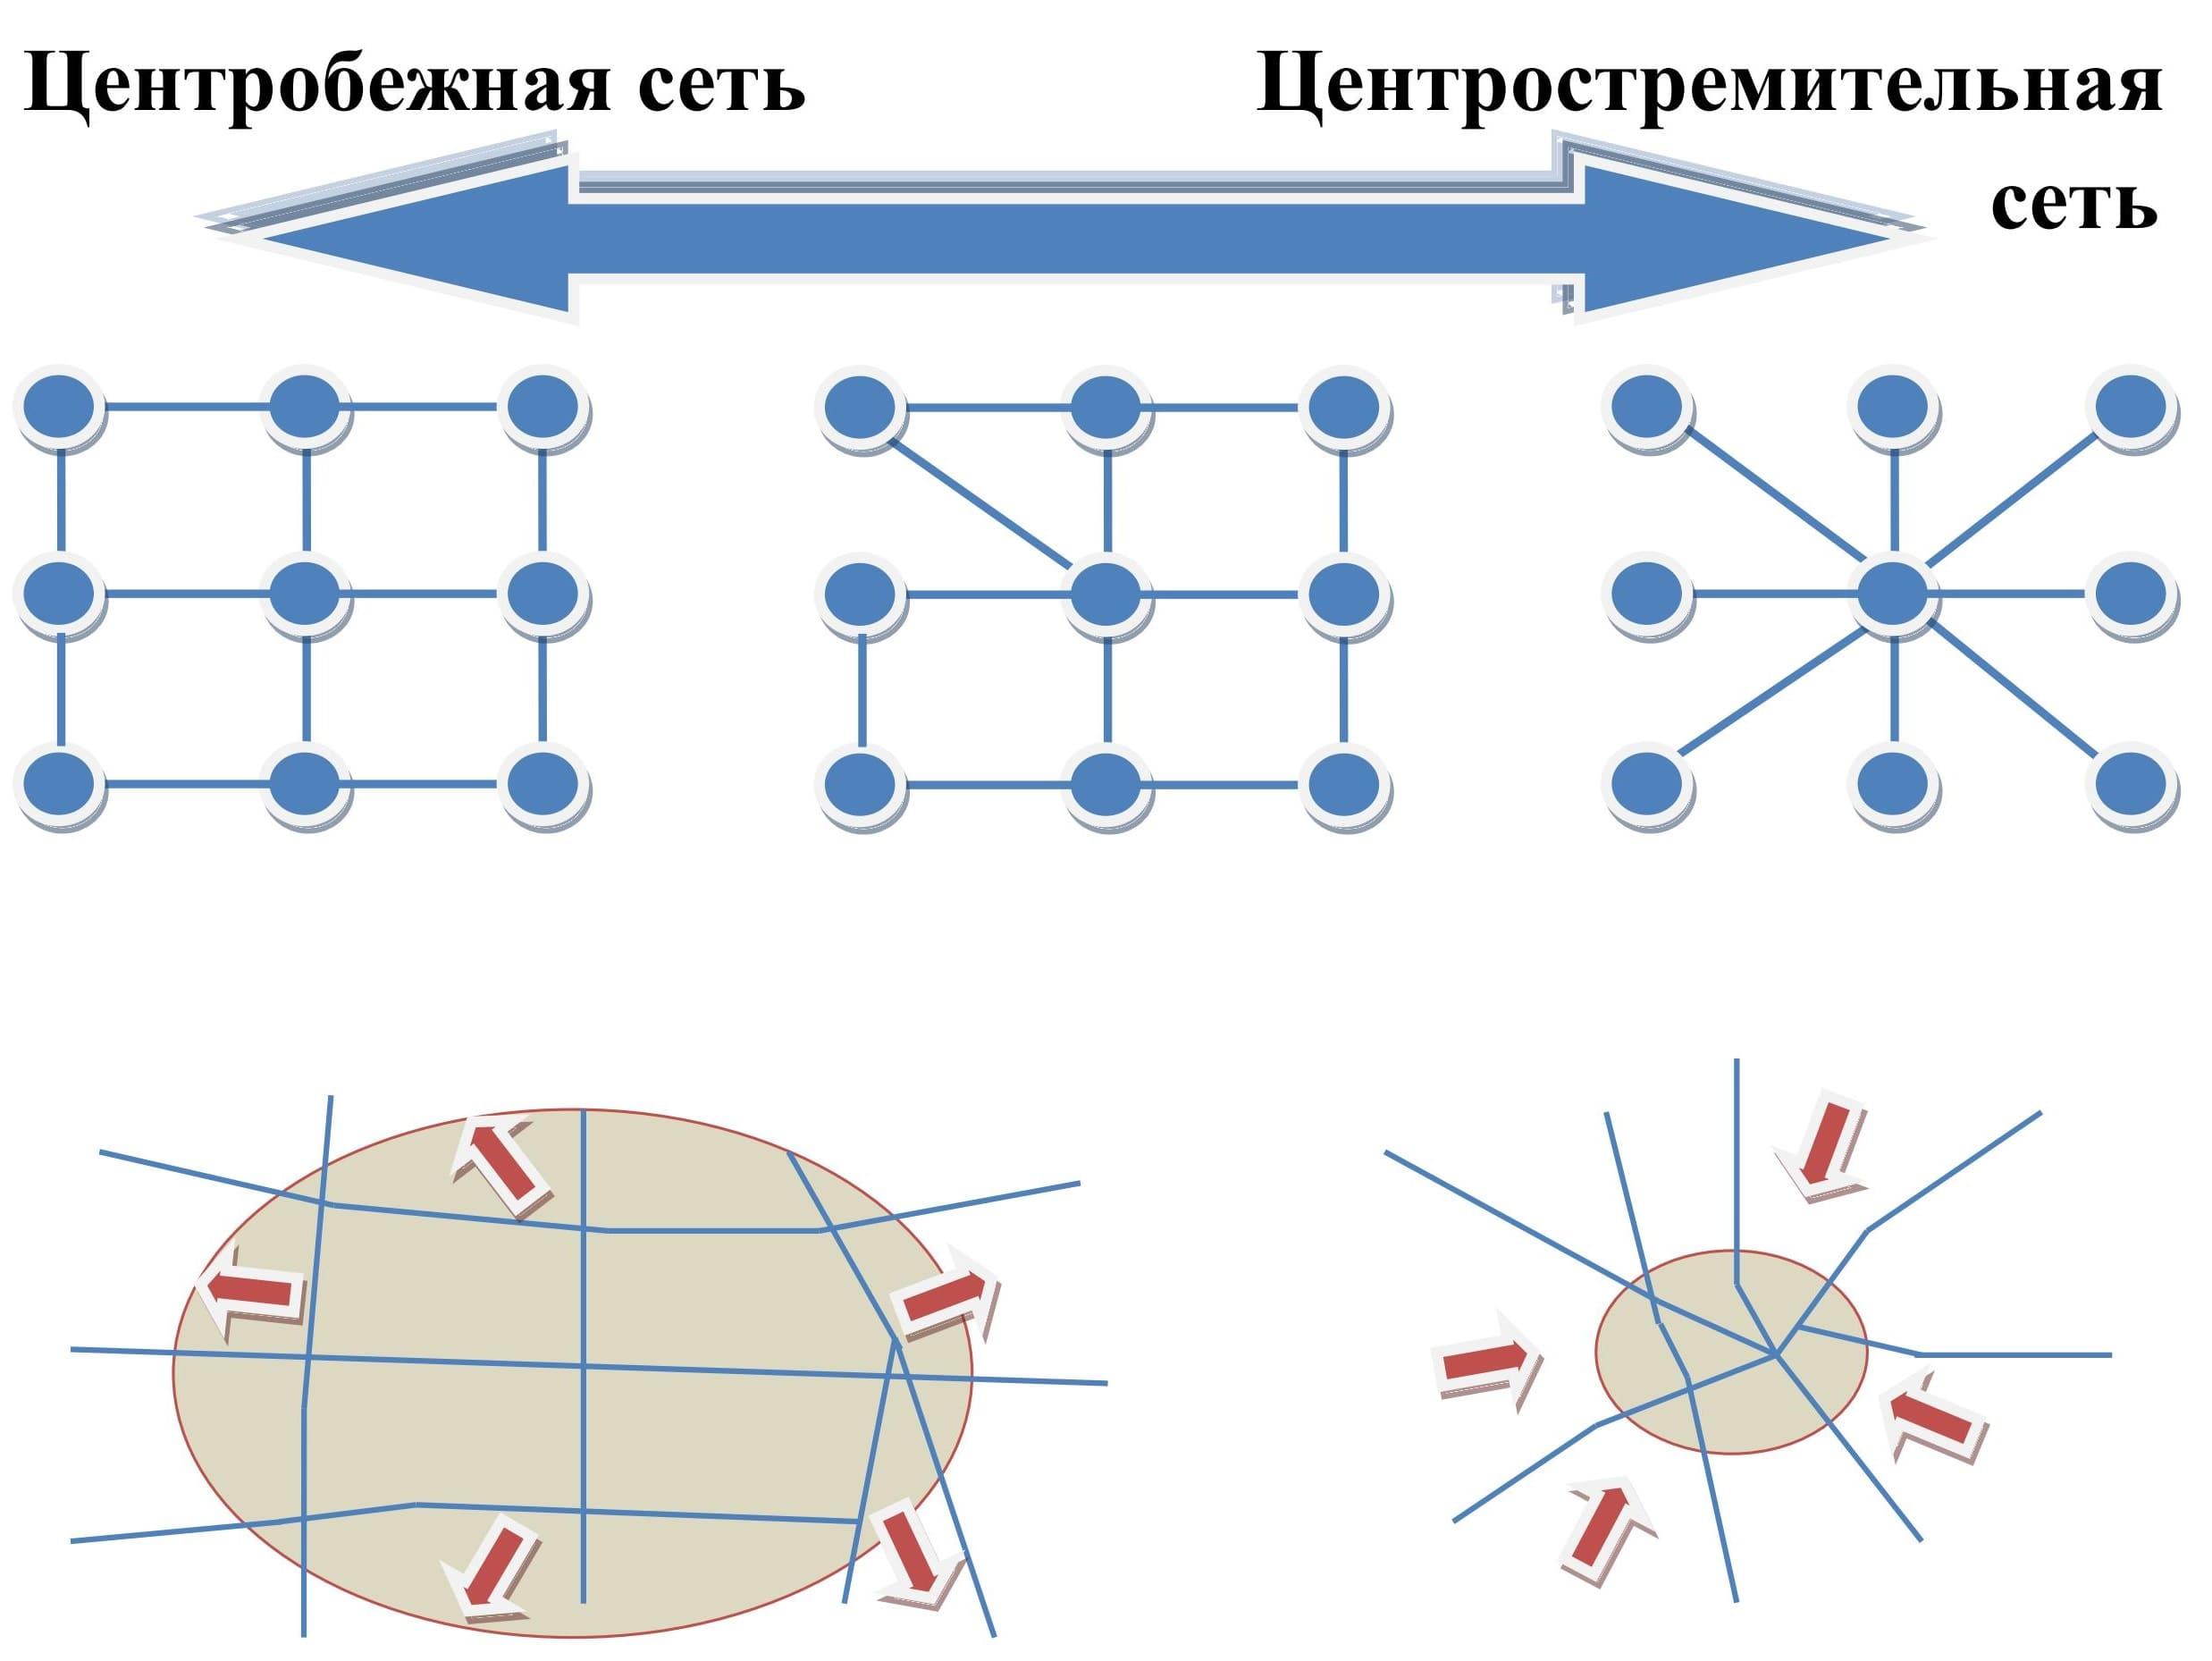 Центробежная и центростремительная сети